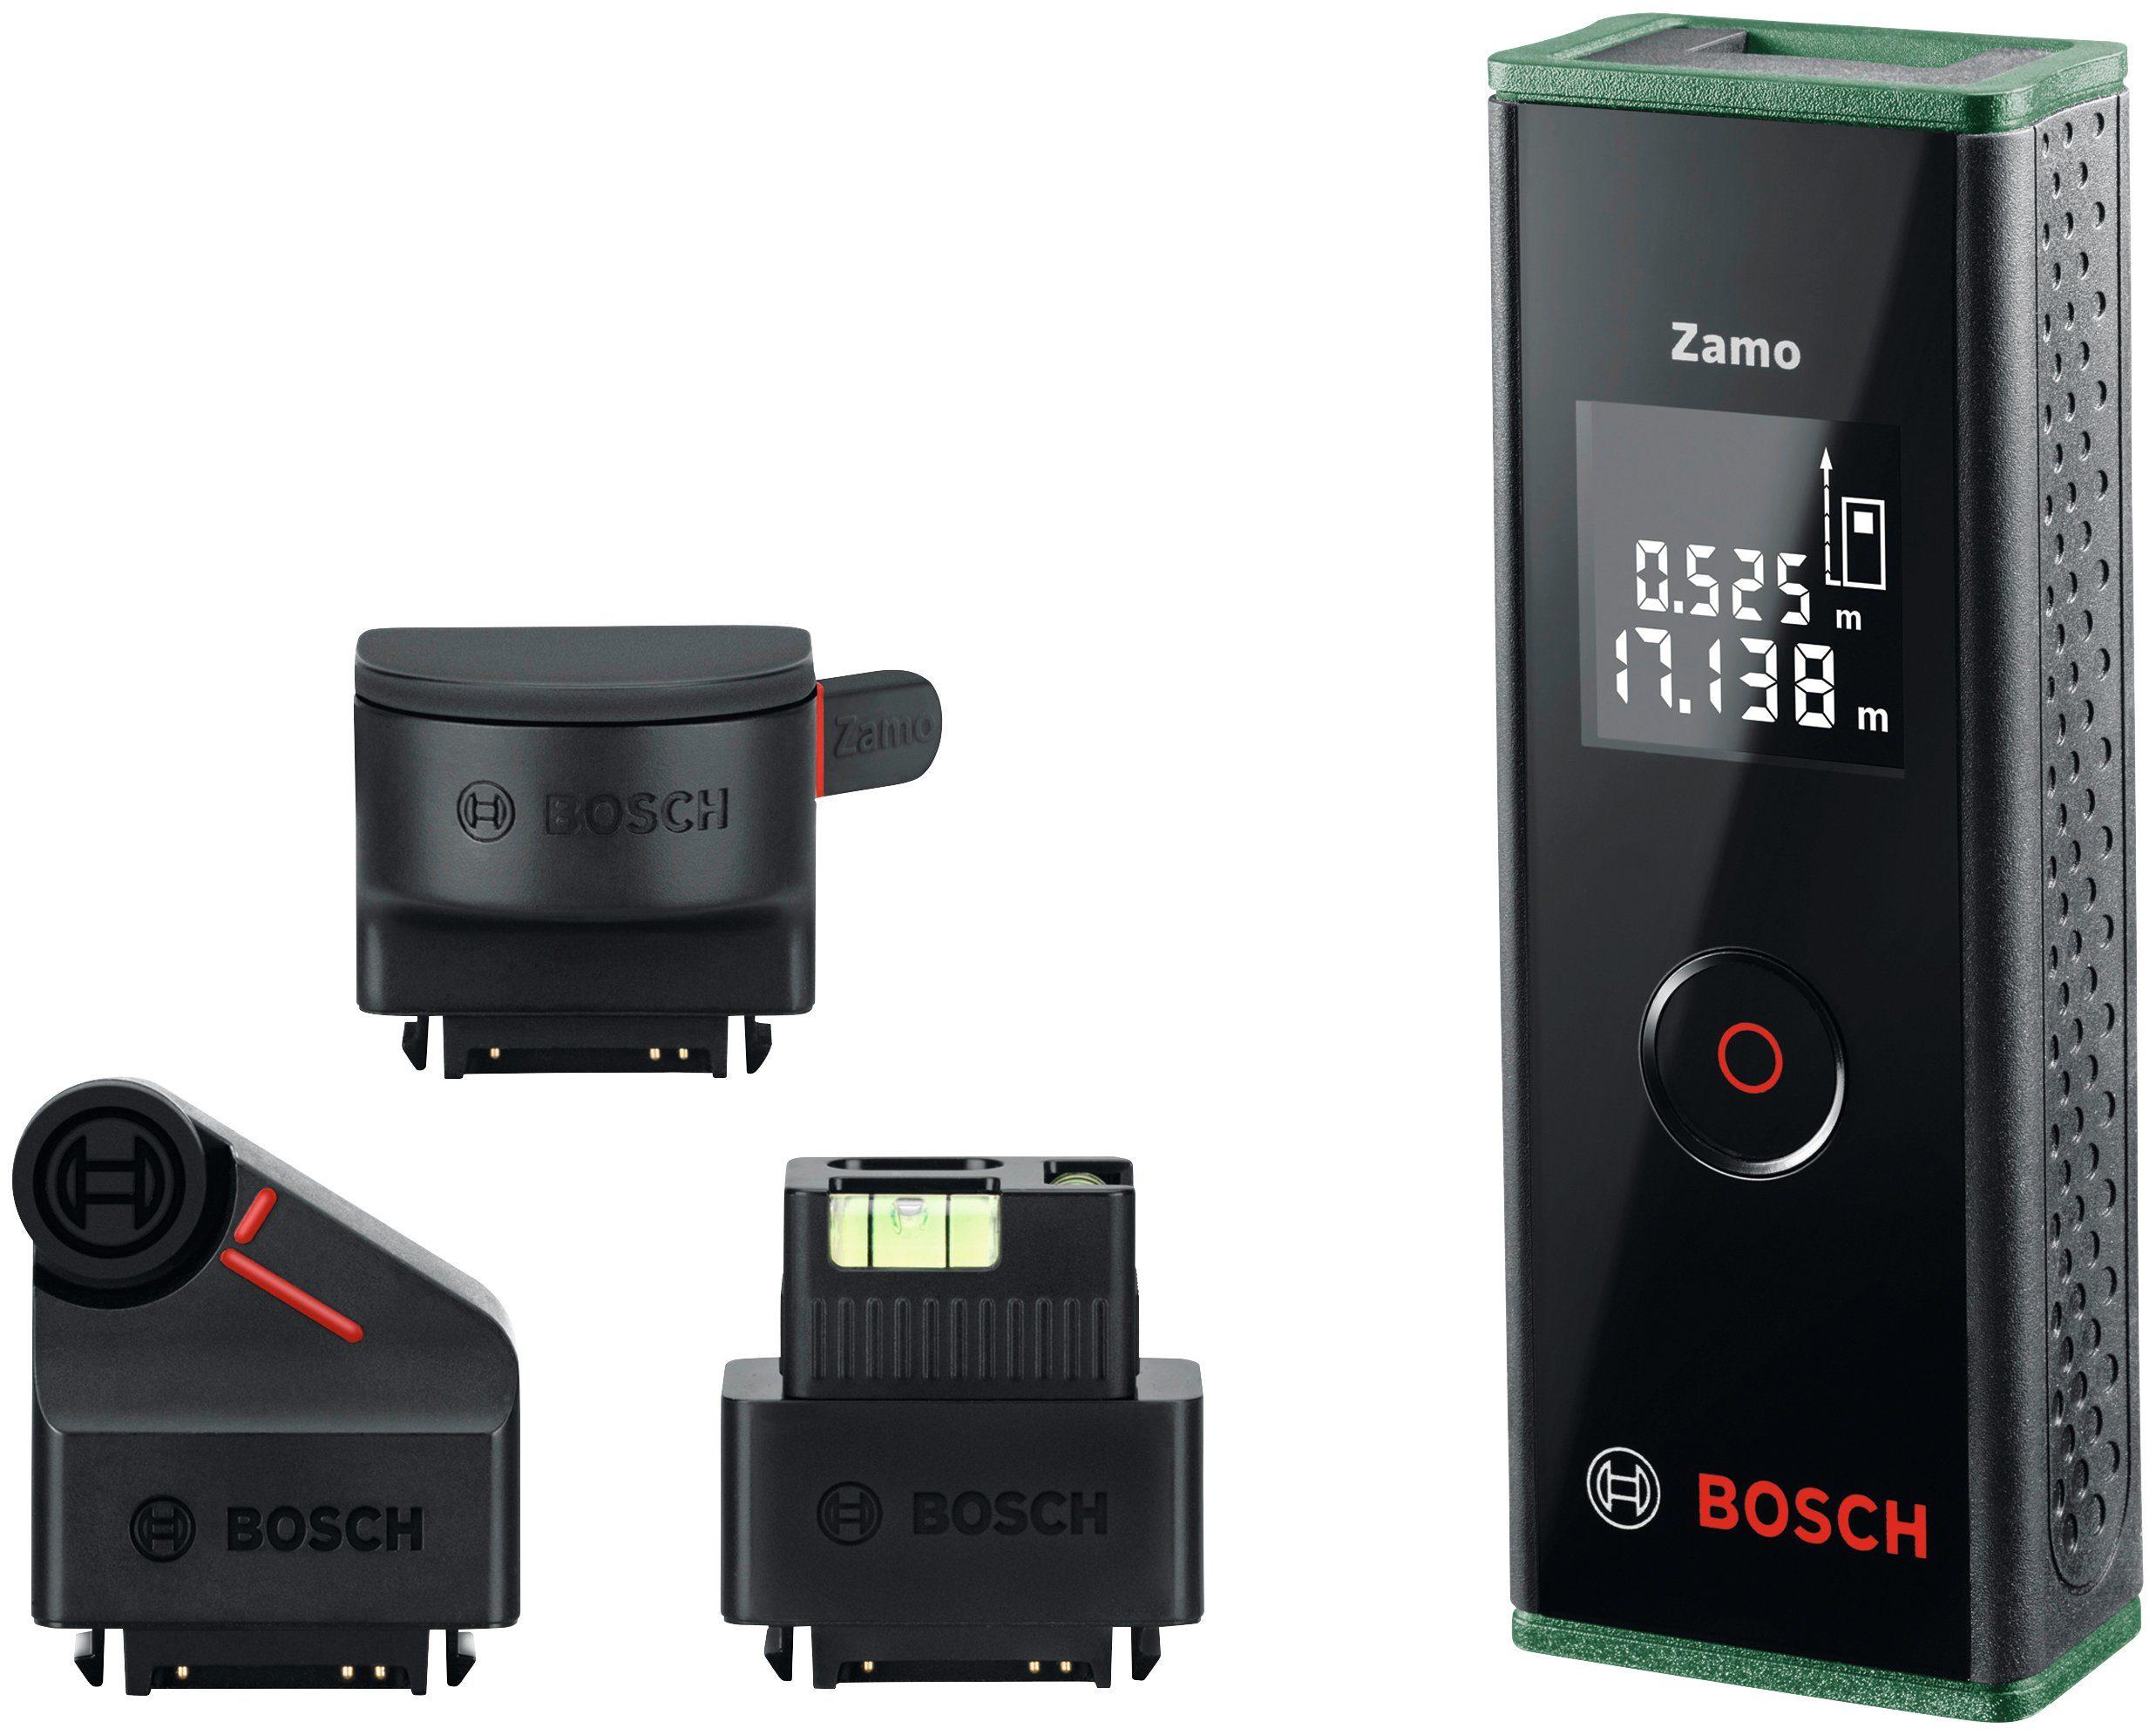 Makita Entfernungsmesser Ld080p : Bosch set entfernungsmesser zamo iii« laser otto